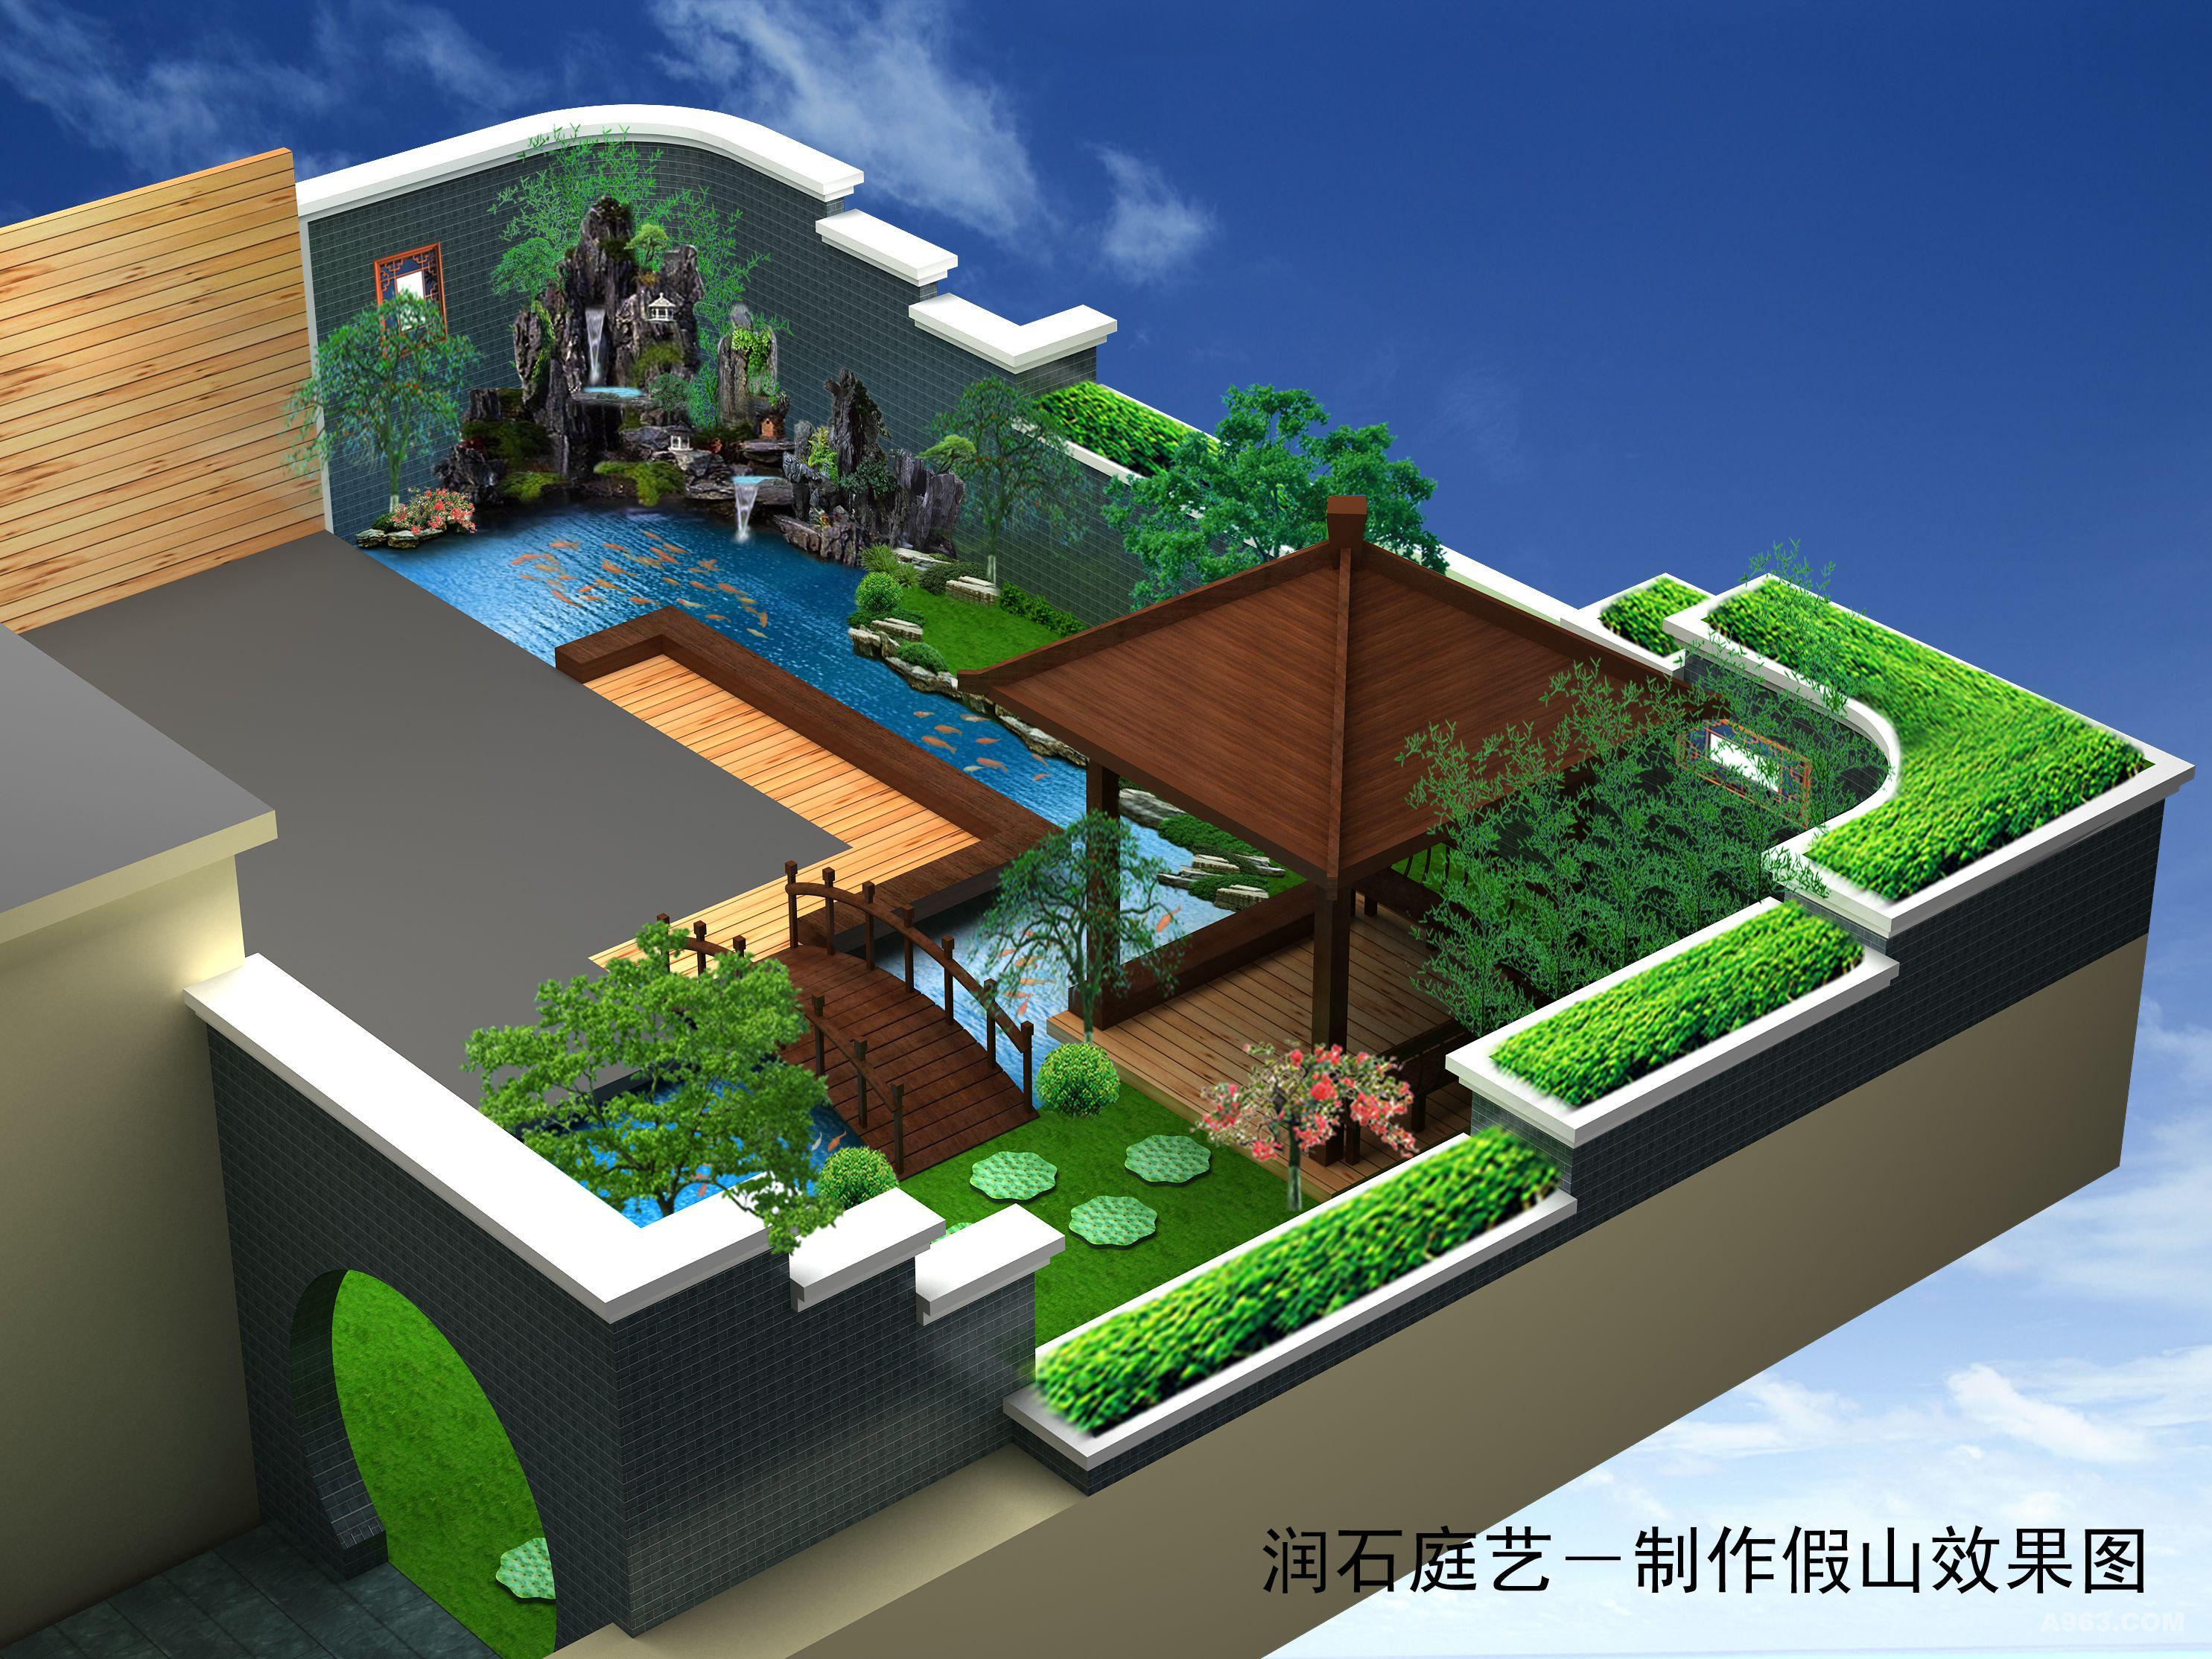 頂樓花園 - 景觀 - 第2頁 - 羅院貴設計作品案例